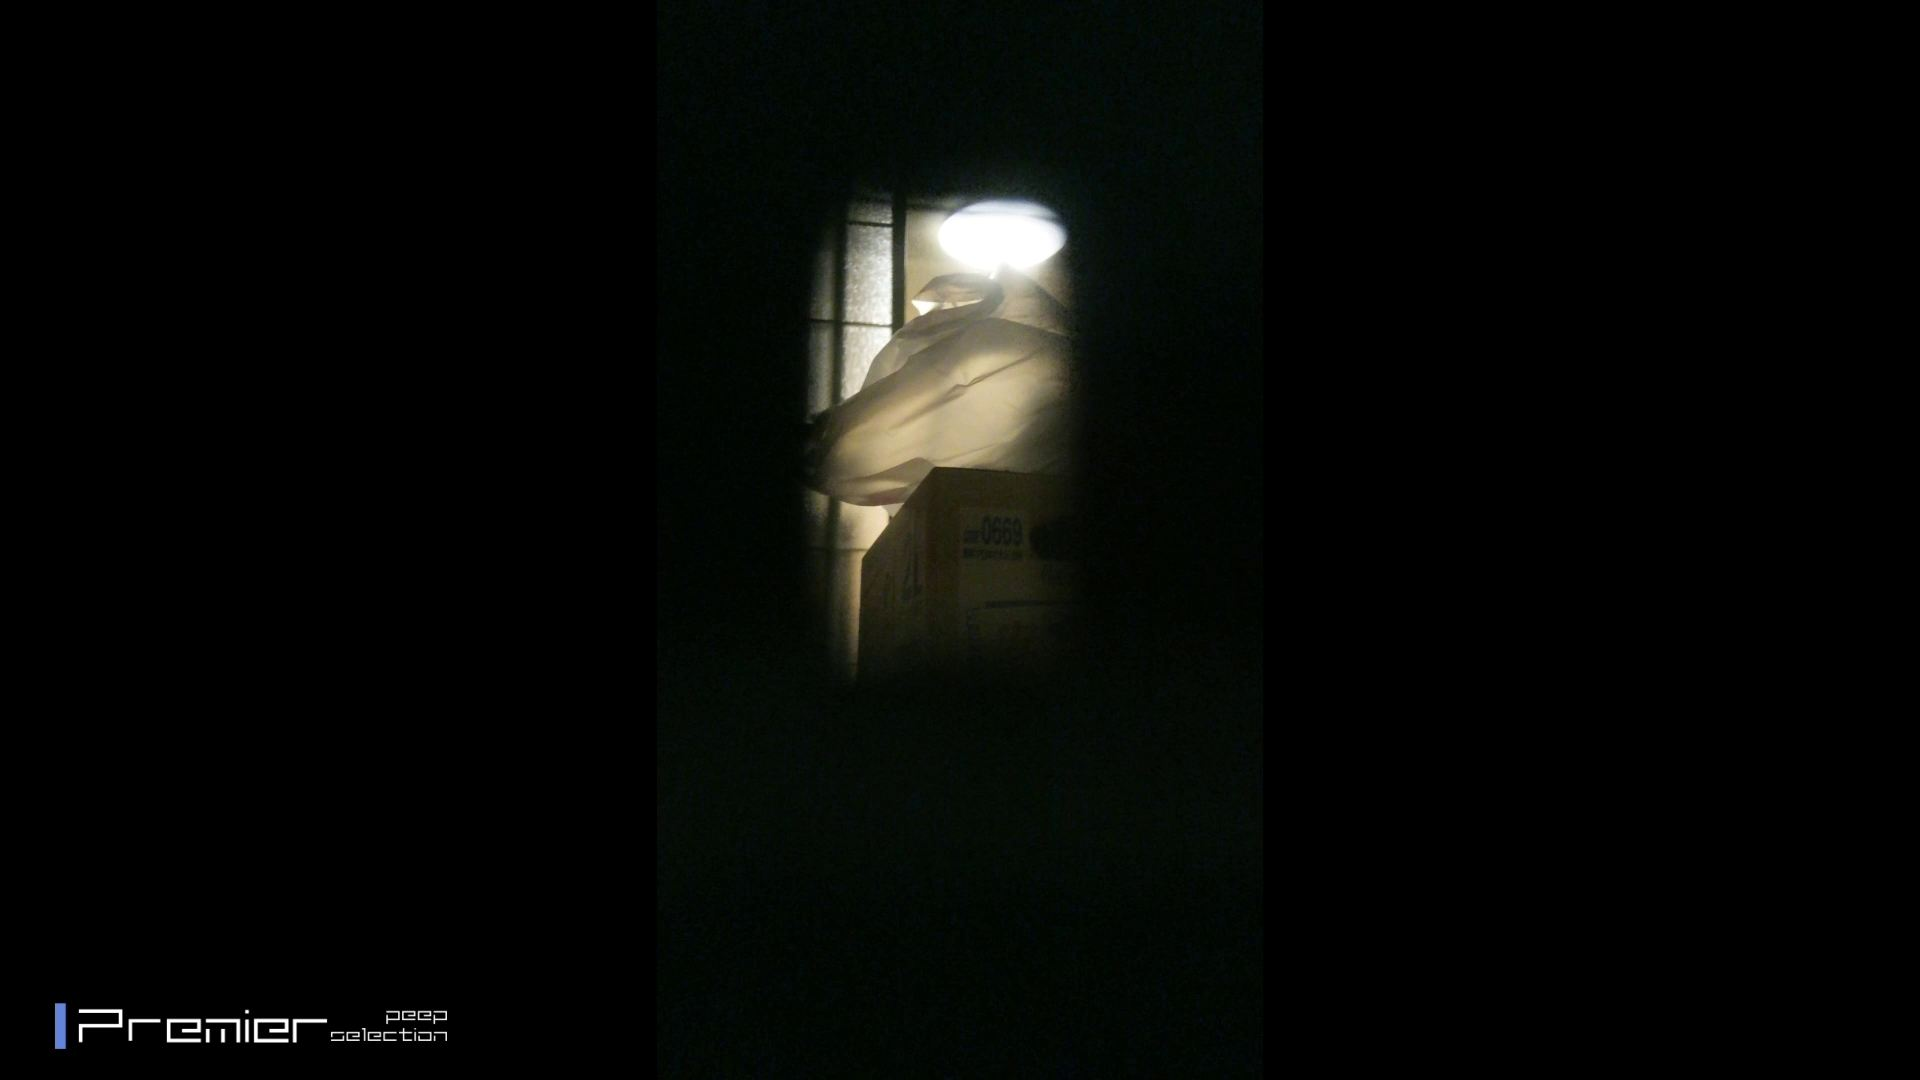 美女達の私生活に潜入!一人暮らし女子大生が見せる入浴前の恥ずかしい姿 高画質 ワレメ無修正動画無料 107画像 54